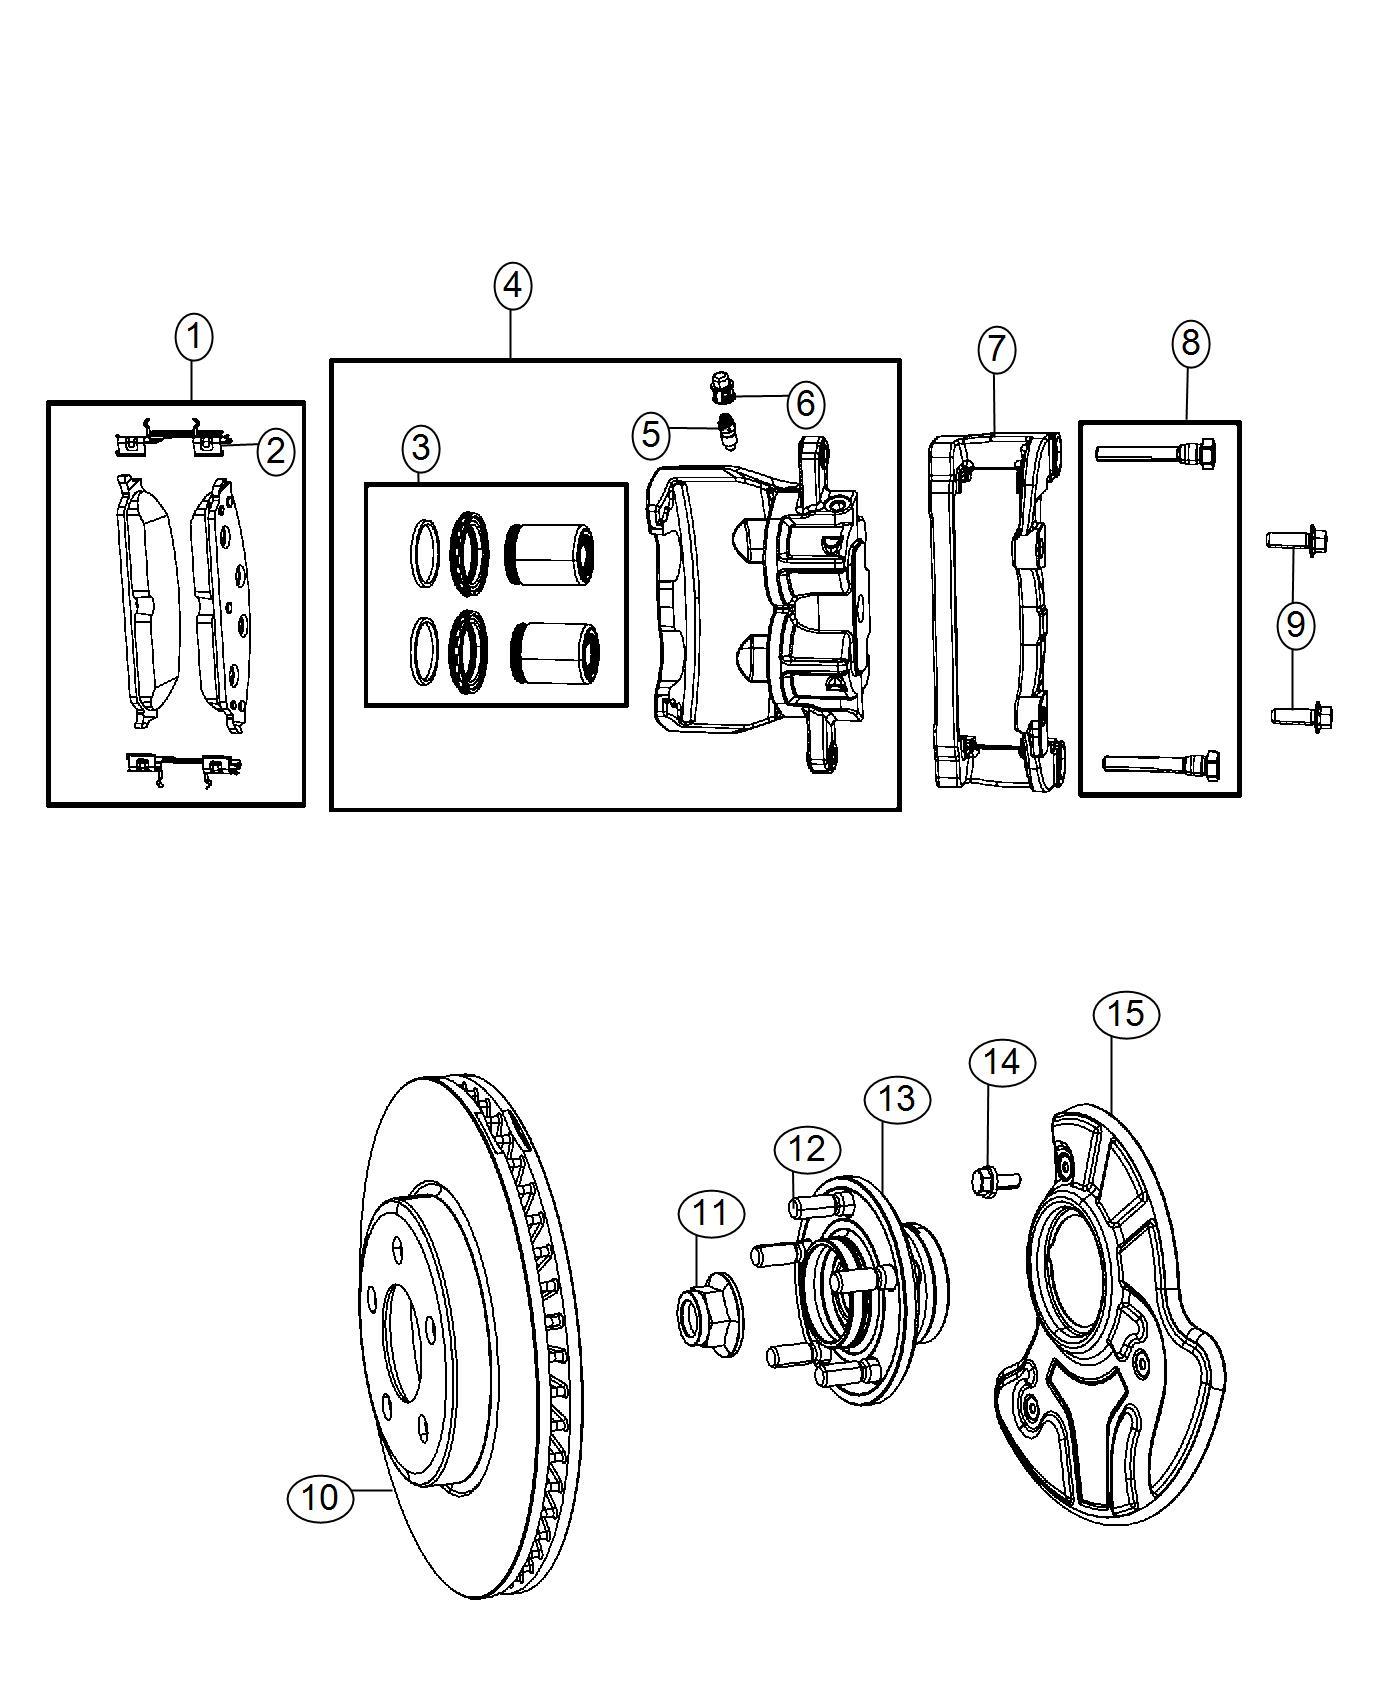 2017 Chrysler 300 Adapter. Disc brake caliper. Export